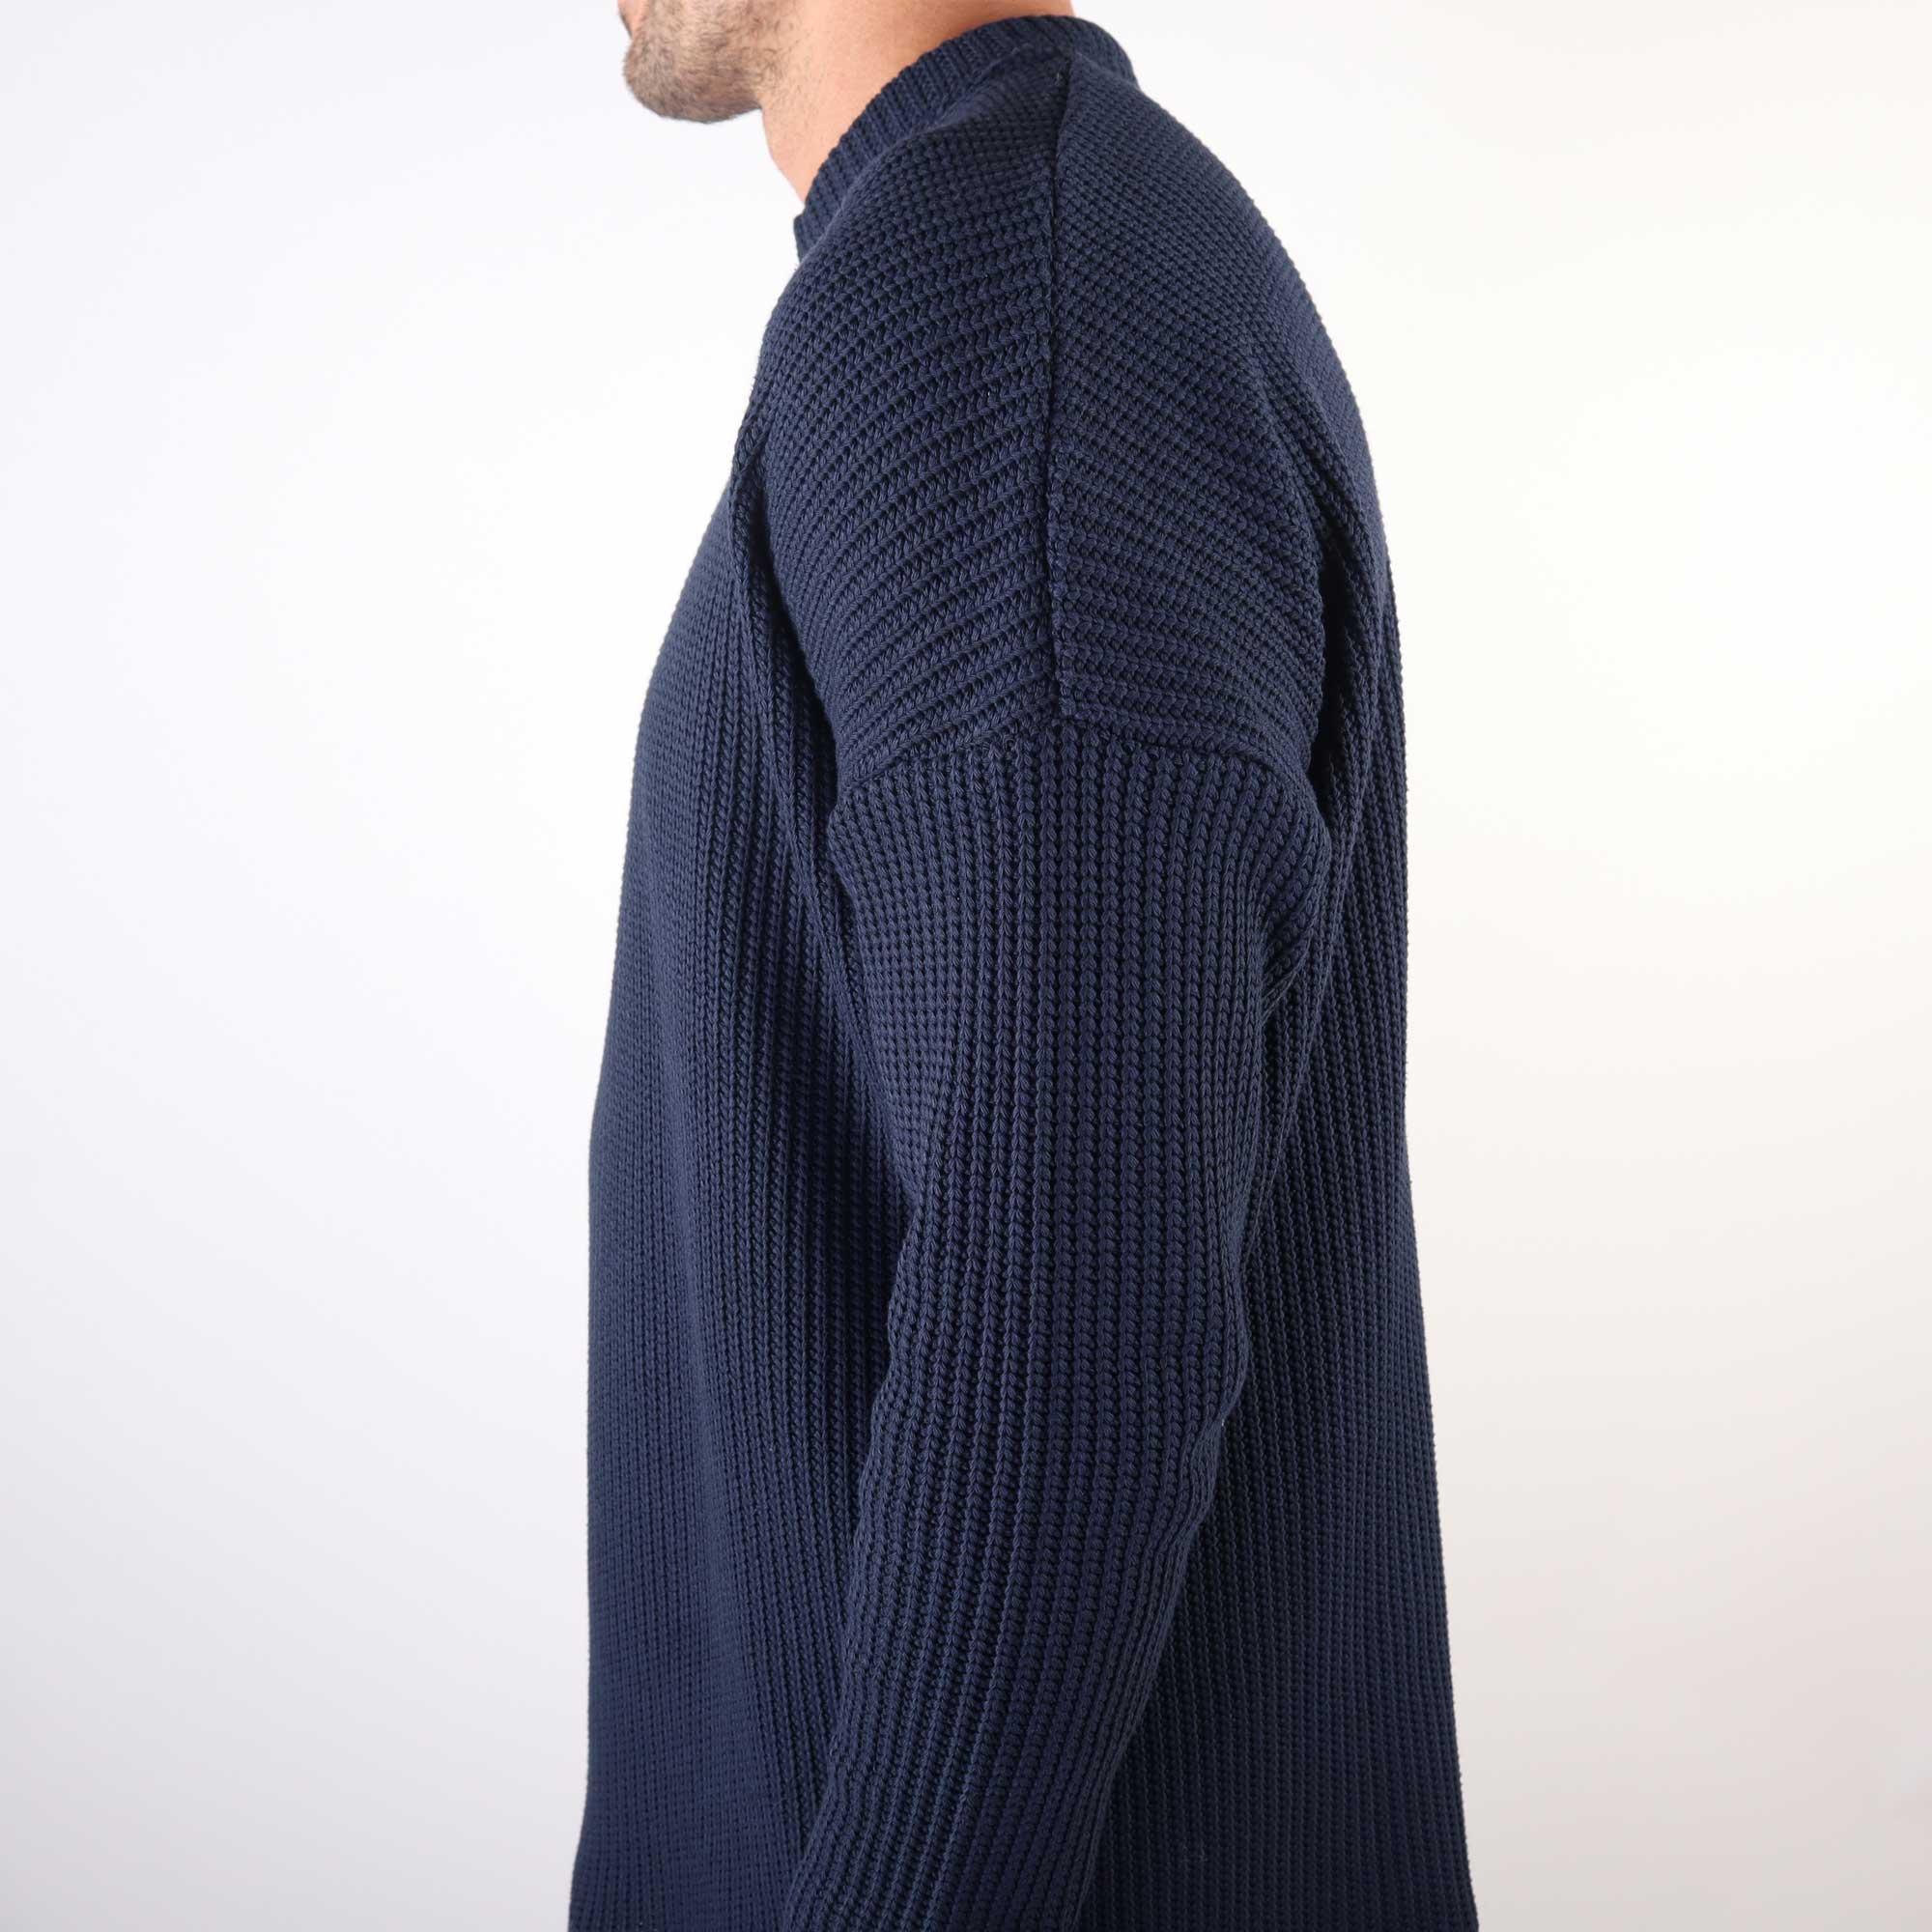 knit-rits-blauw-2